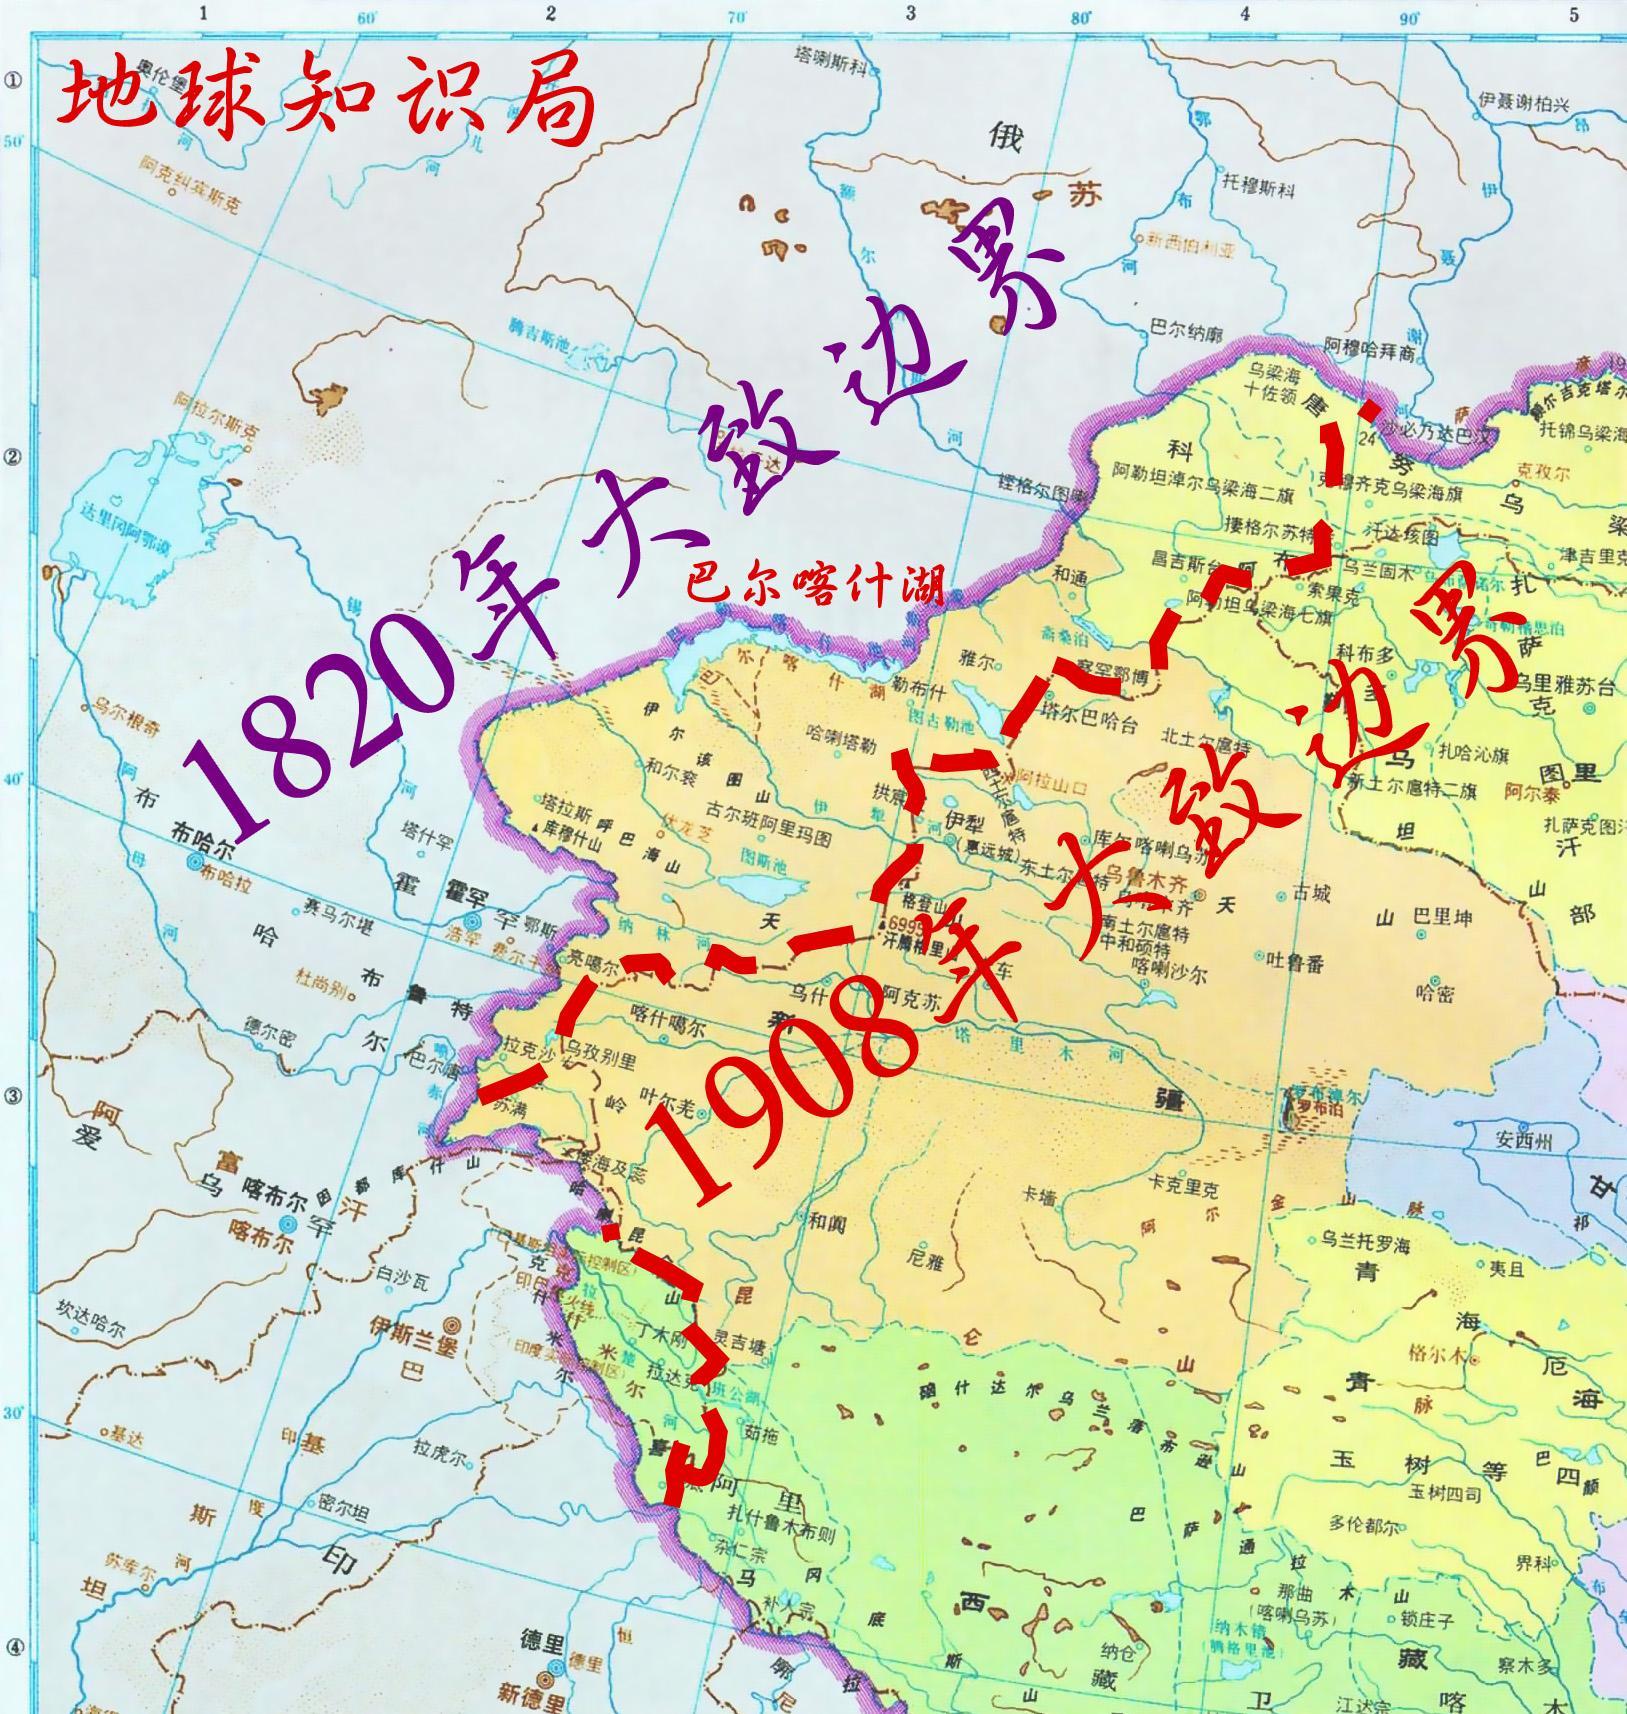 海参威_中国西域的扩张极限在哪里? 地球知识局 - 知乎